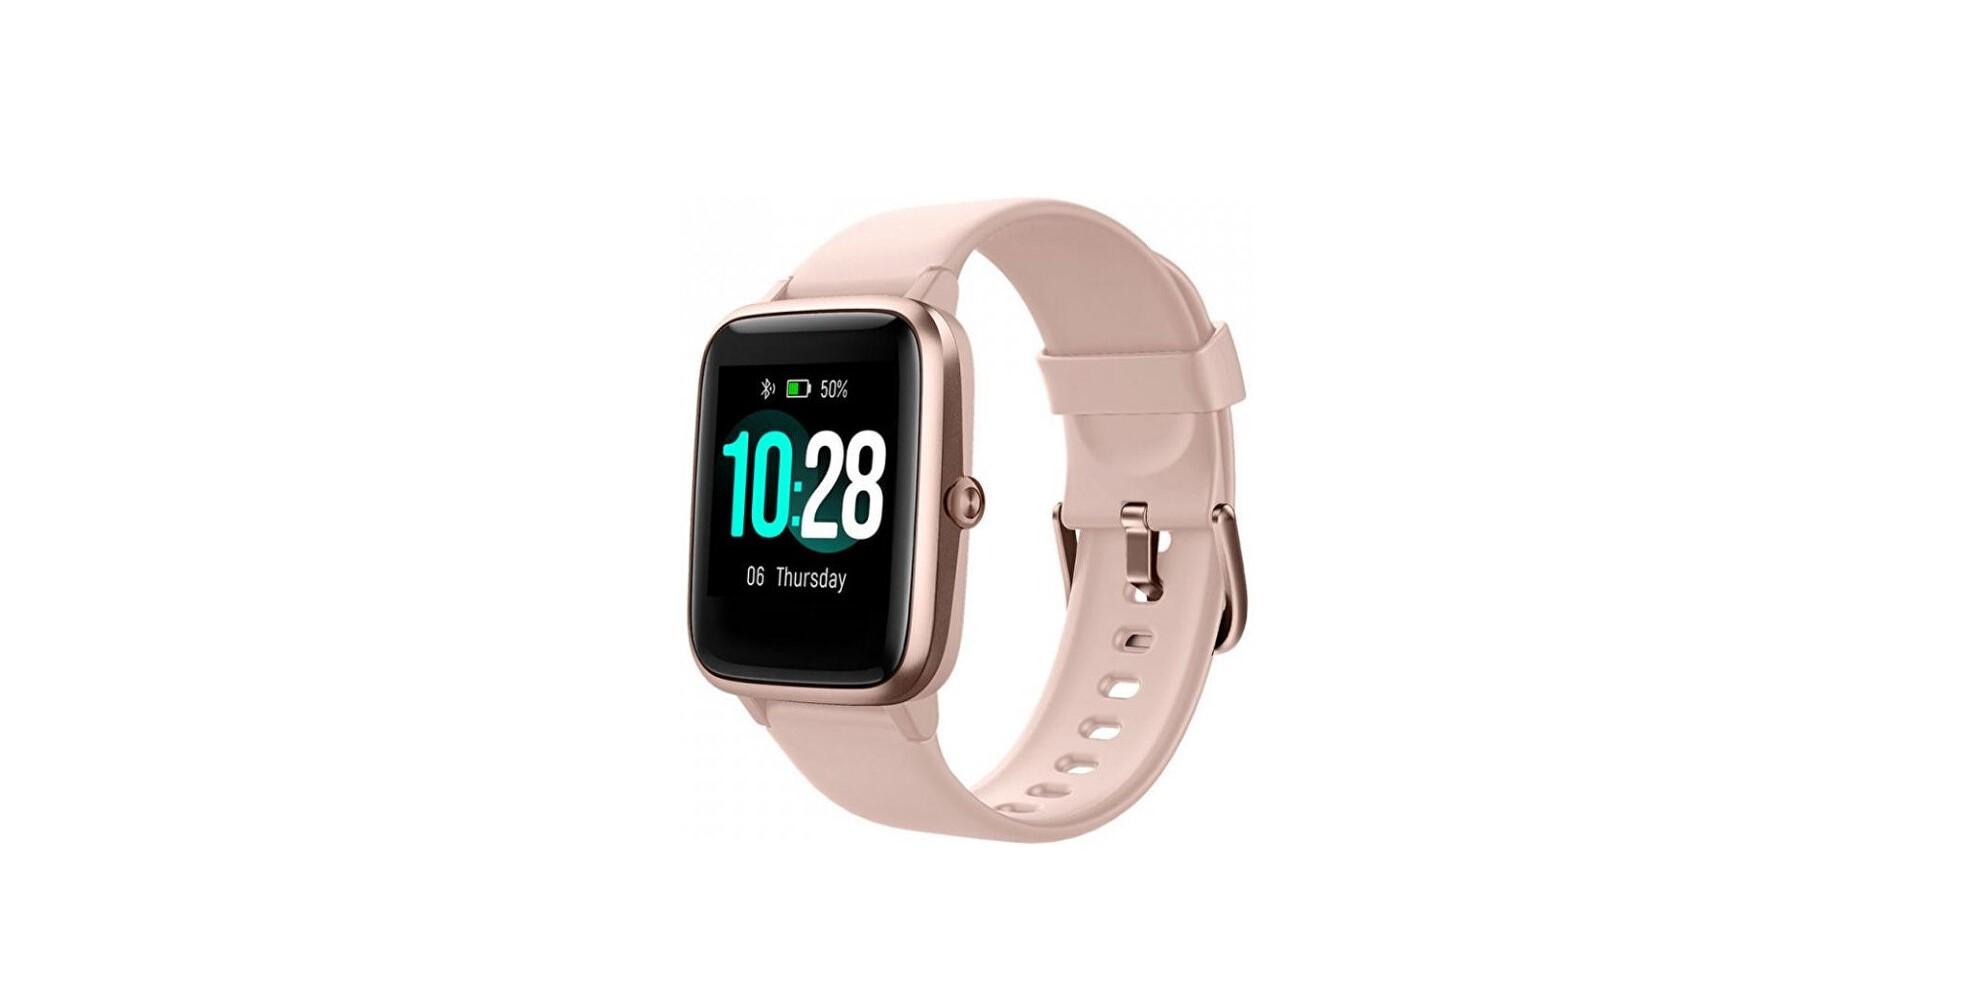 Chytré hodinky nově v obchodech – Technaxx, VeryFit, CANYON